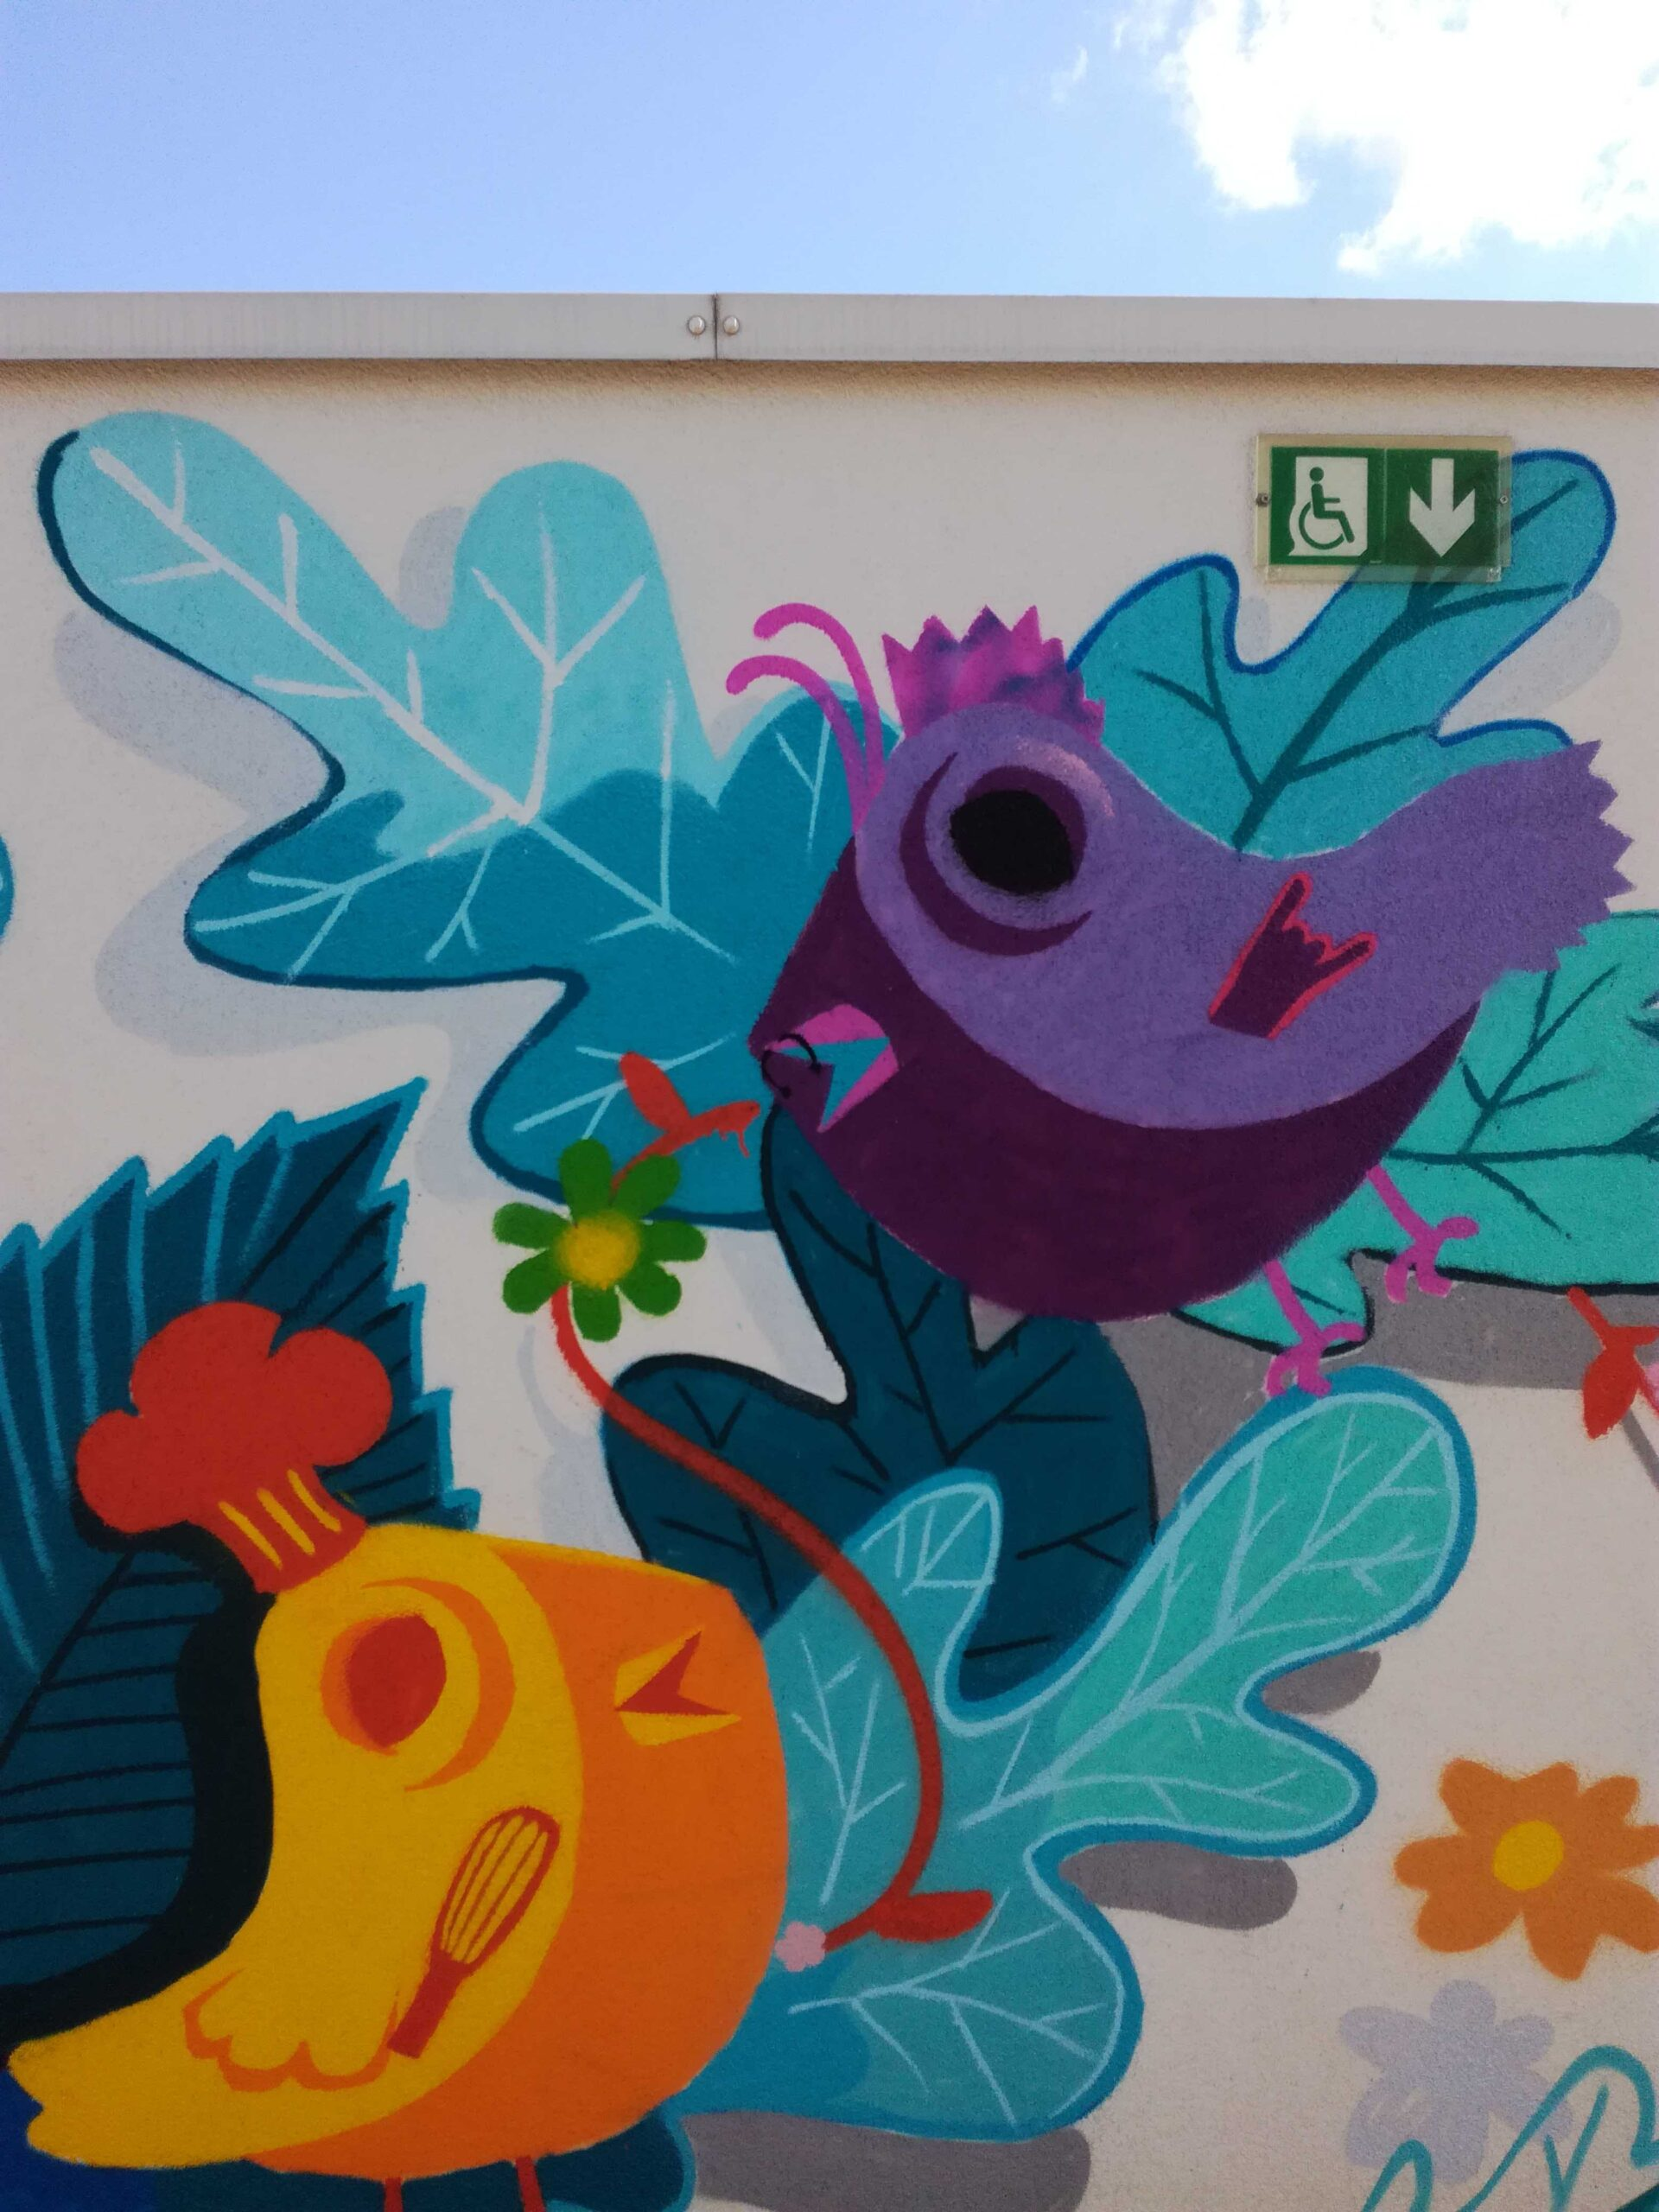 hopital de jour nuance winicott - decoration murale Chalon Saint-remy-abys 2fly graffitti atelier